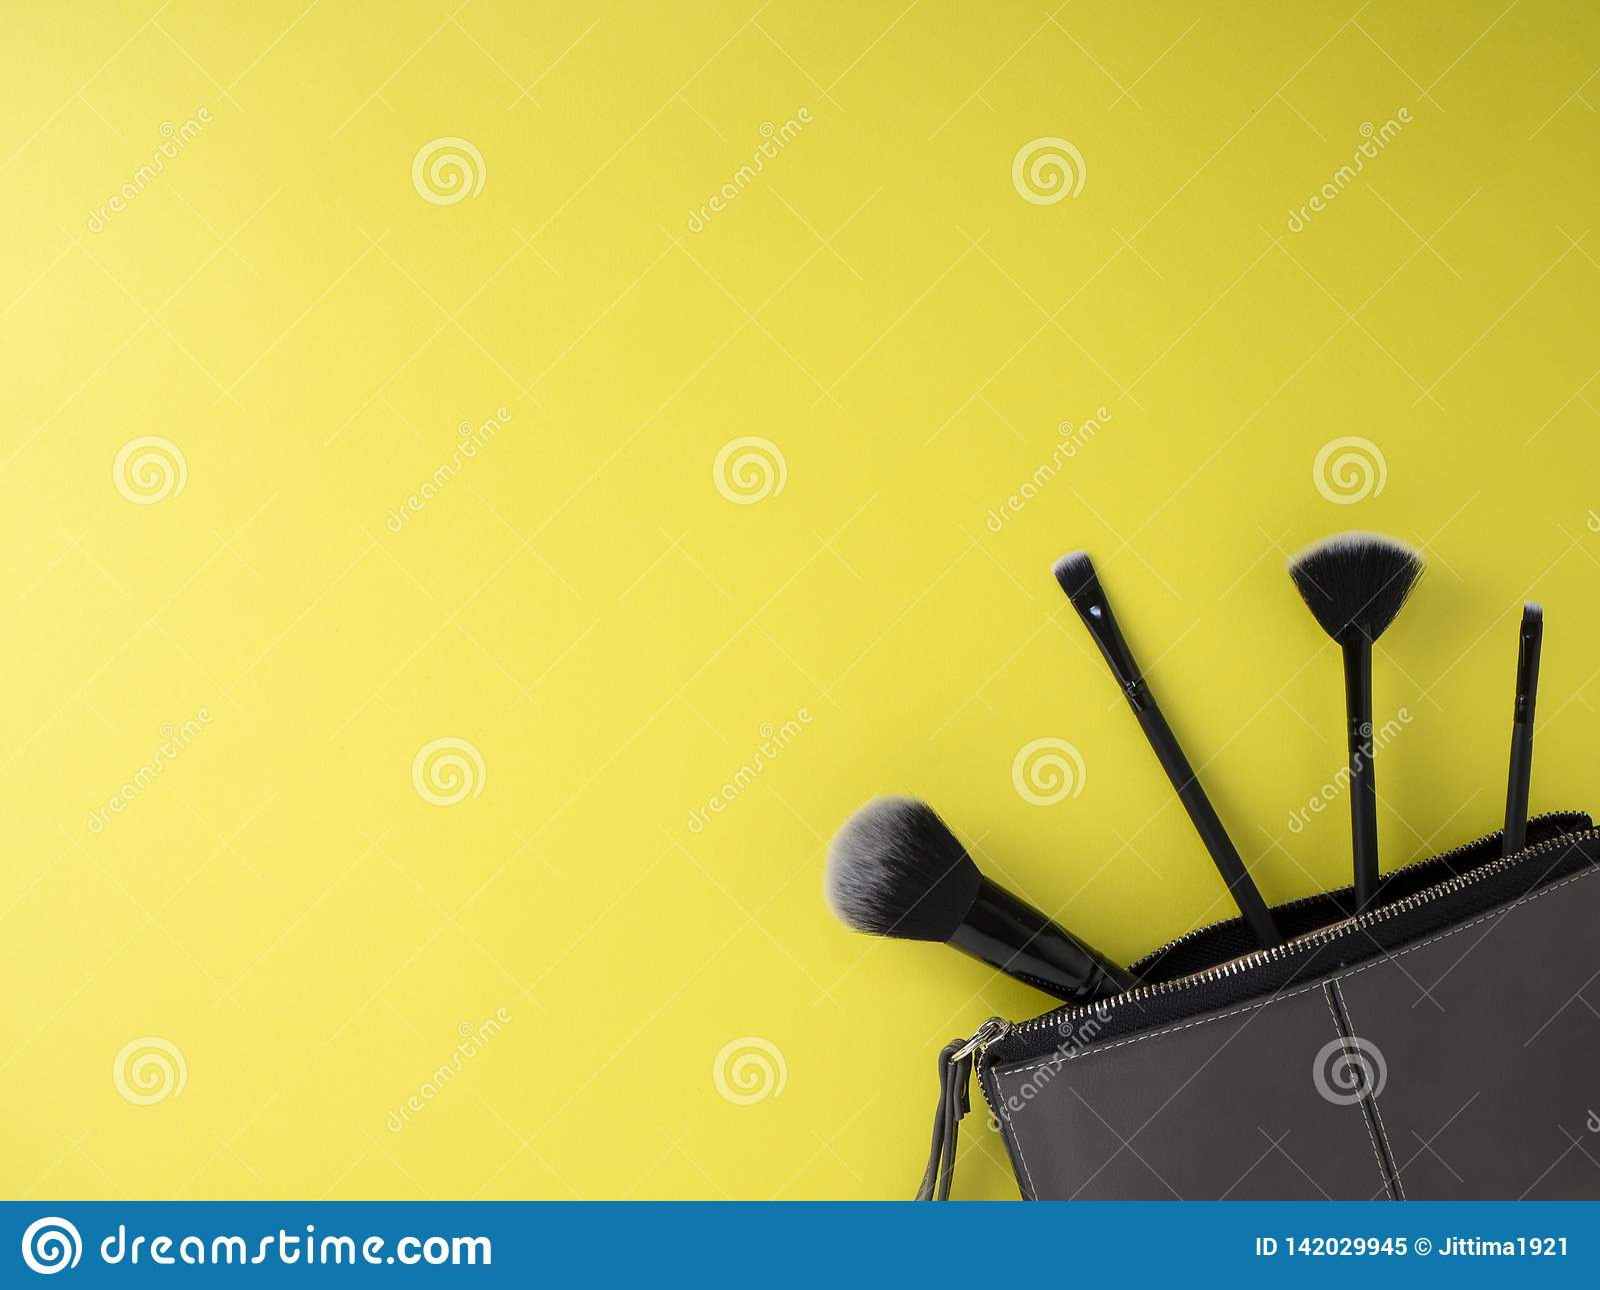 Torba z makeup szczotkuje, kosmetyki, żółty tło